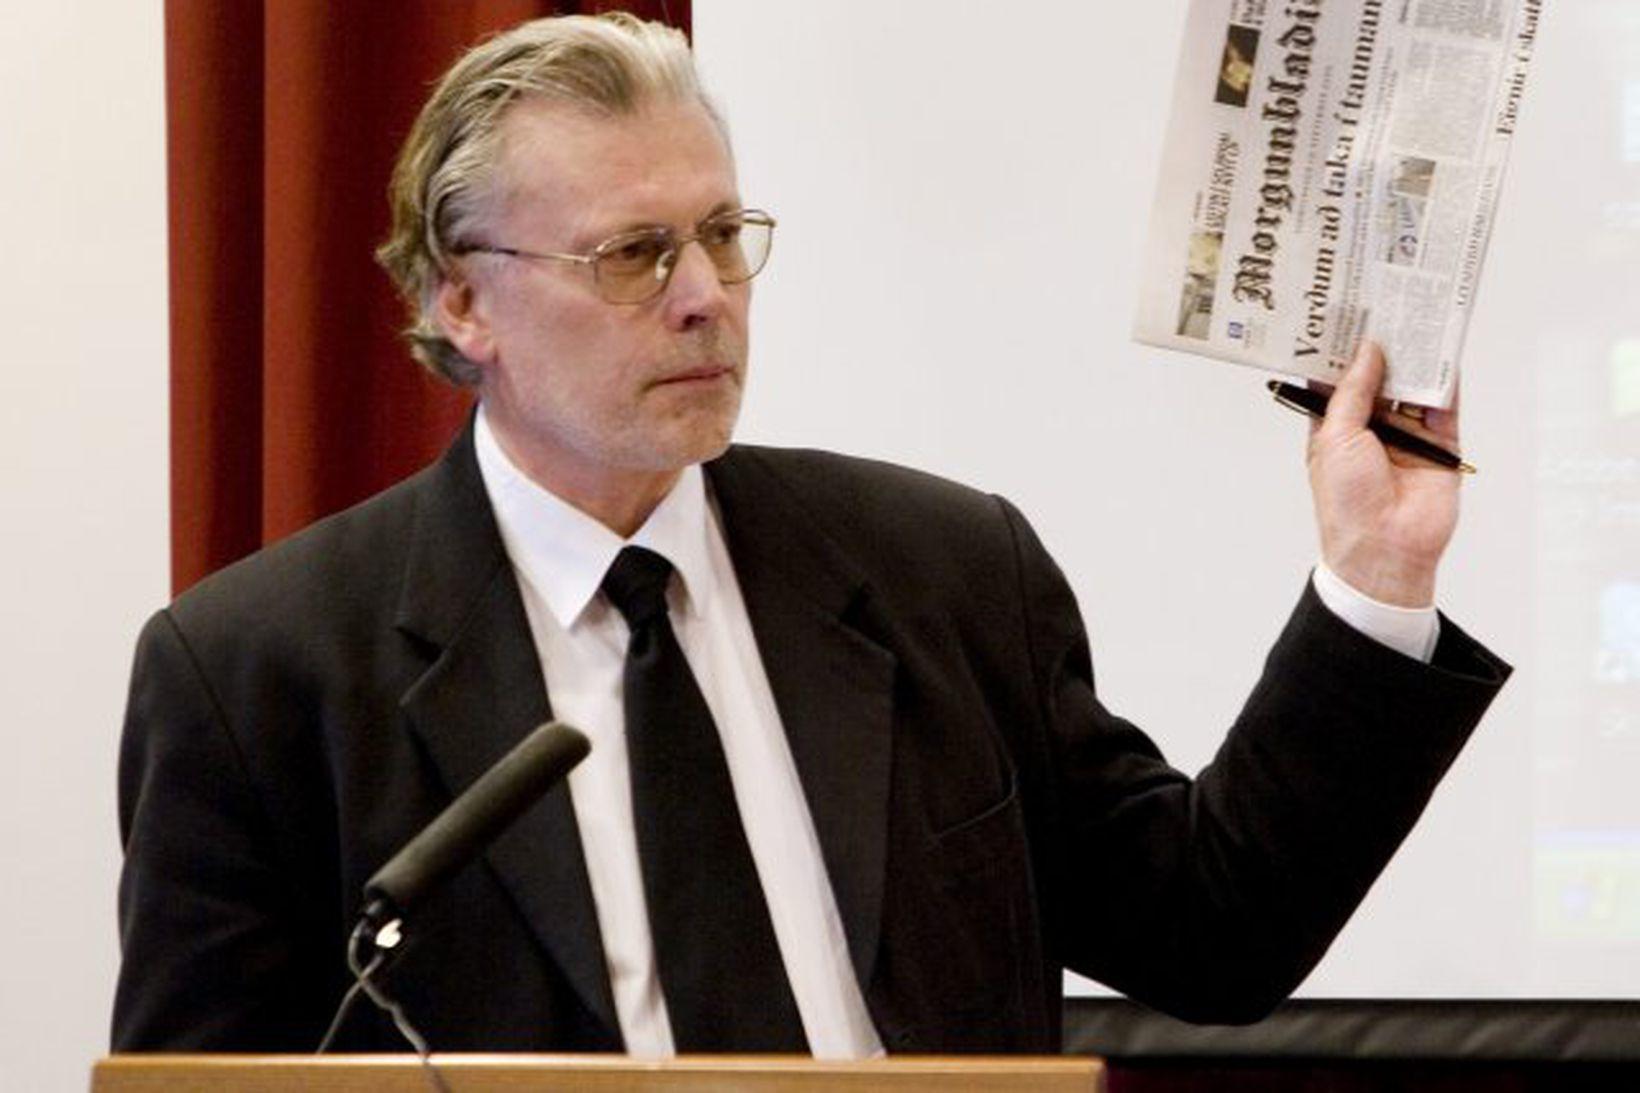 Ögmundur Jónasson vill takmarka klámframboð.